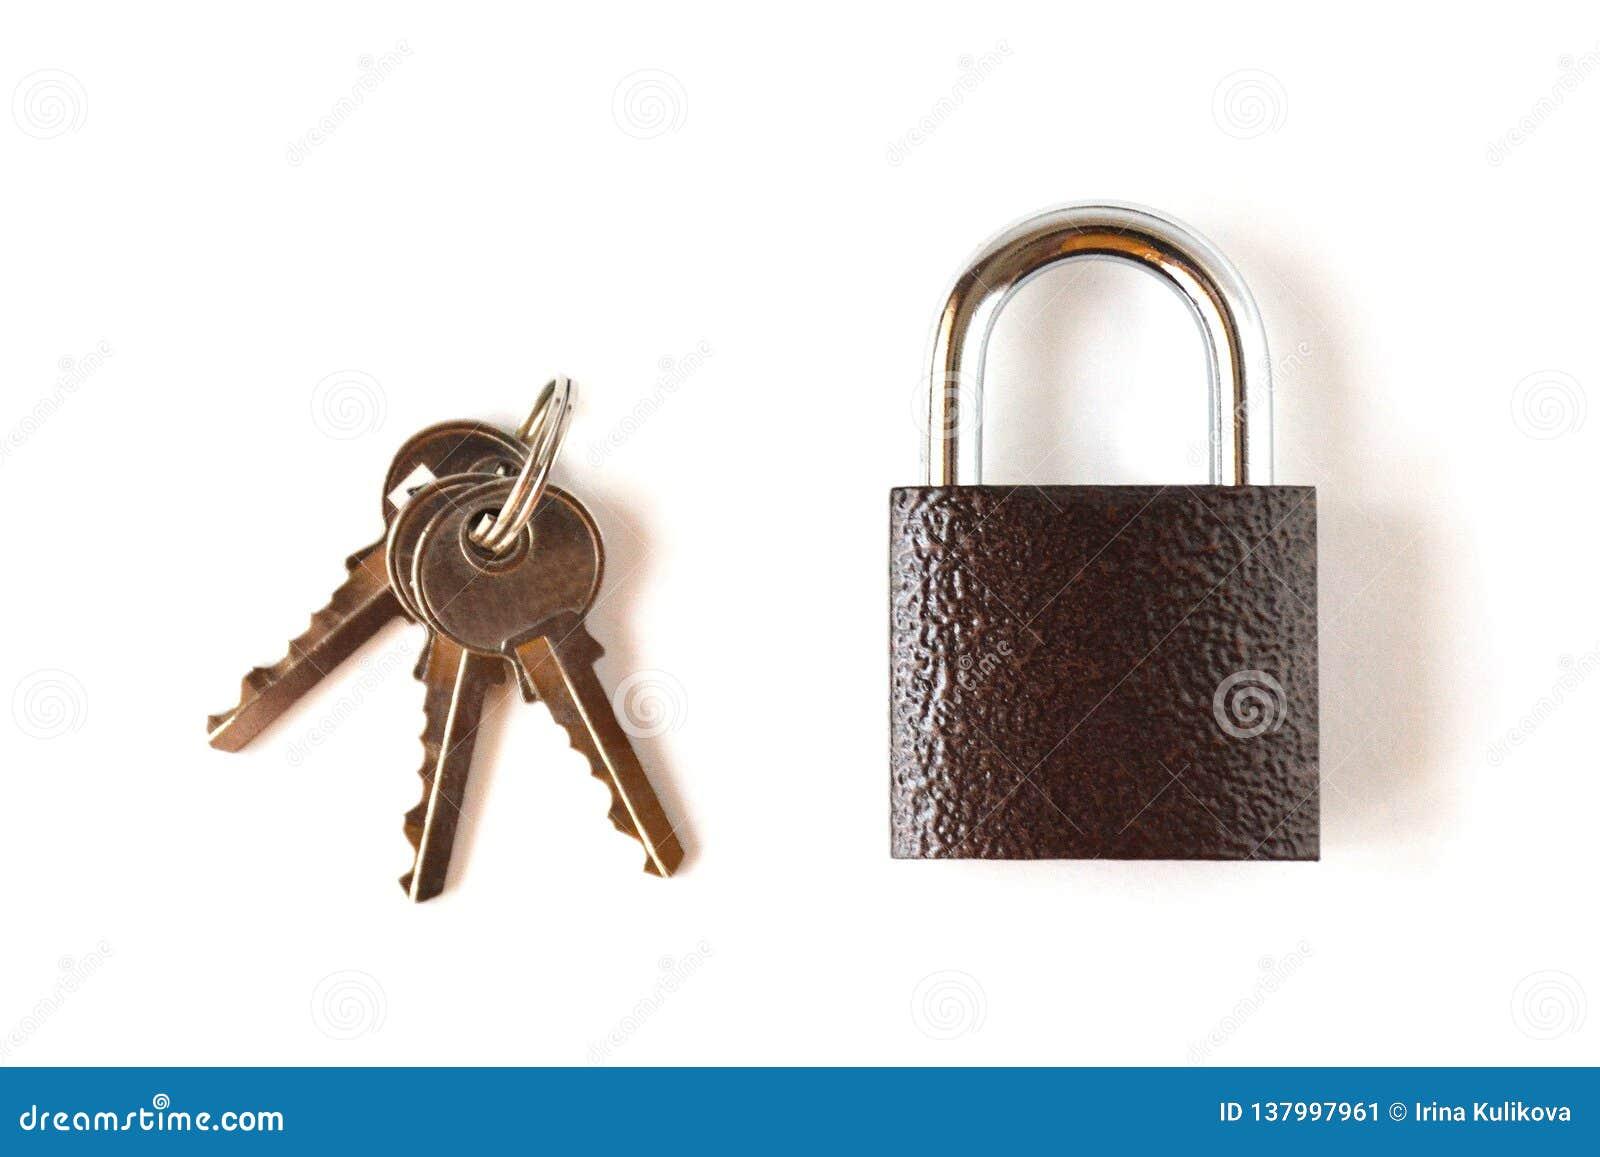 Candado marrón de textura bloqueado aislado con un manojo de tres llaves en un fondo blanco